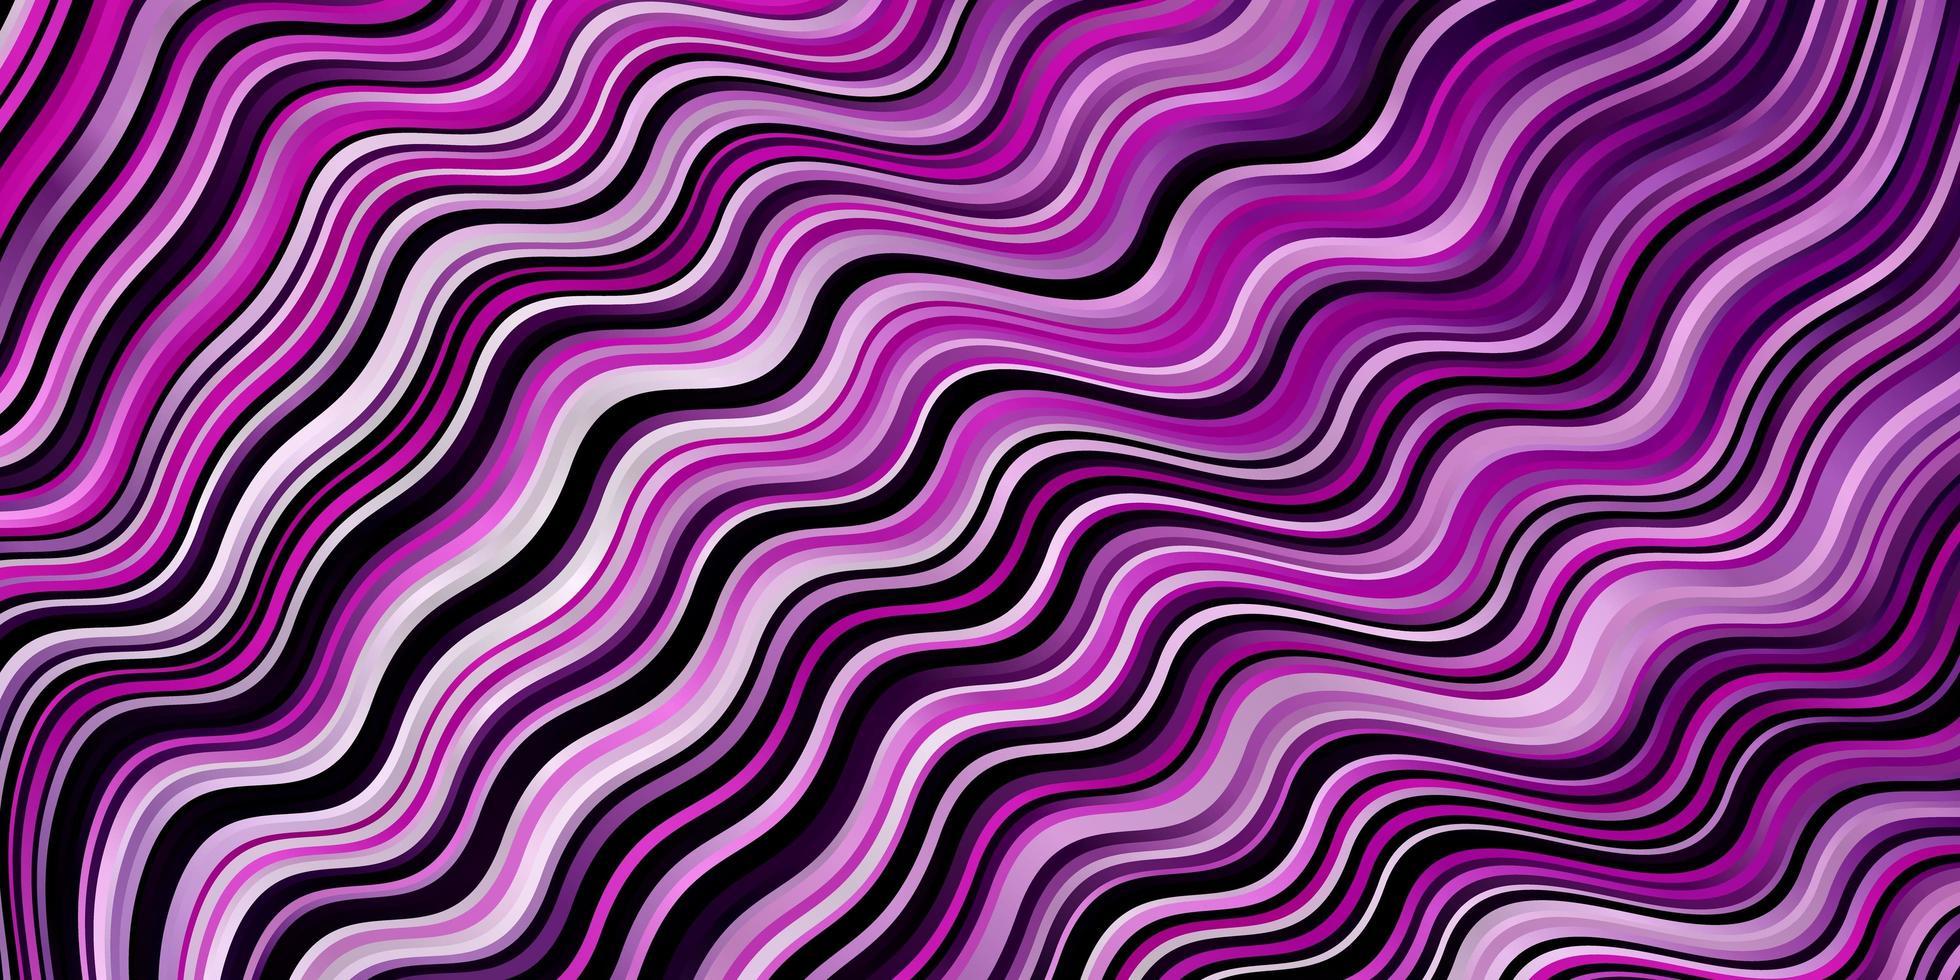 modello vettoriale viola chiaro con linee.